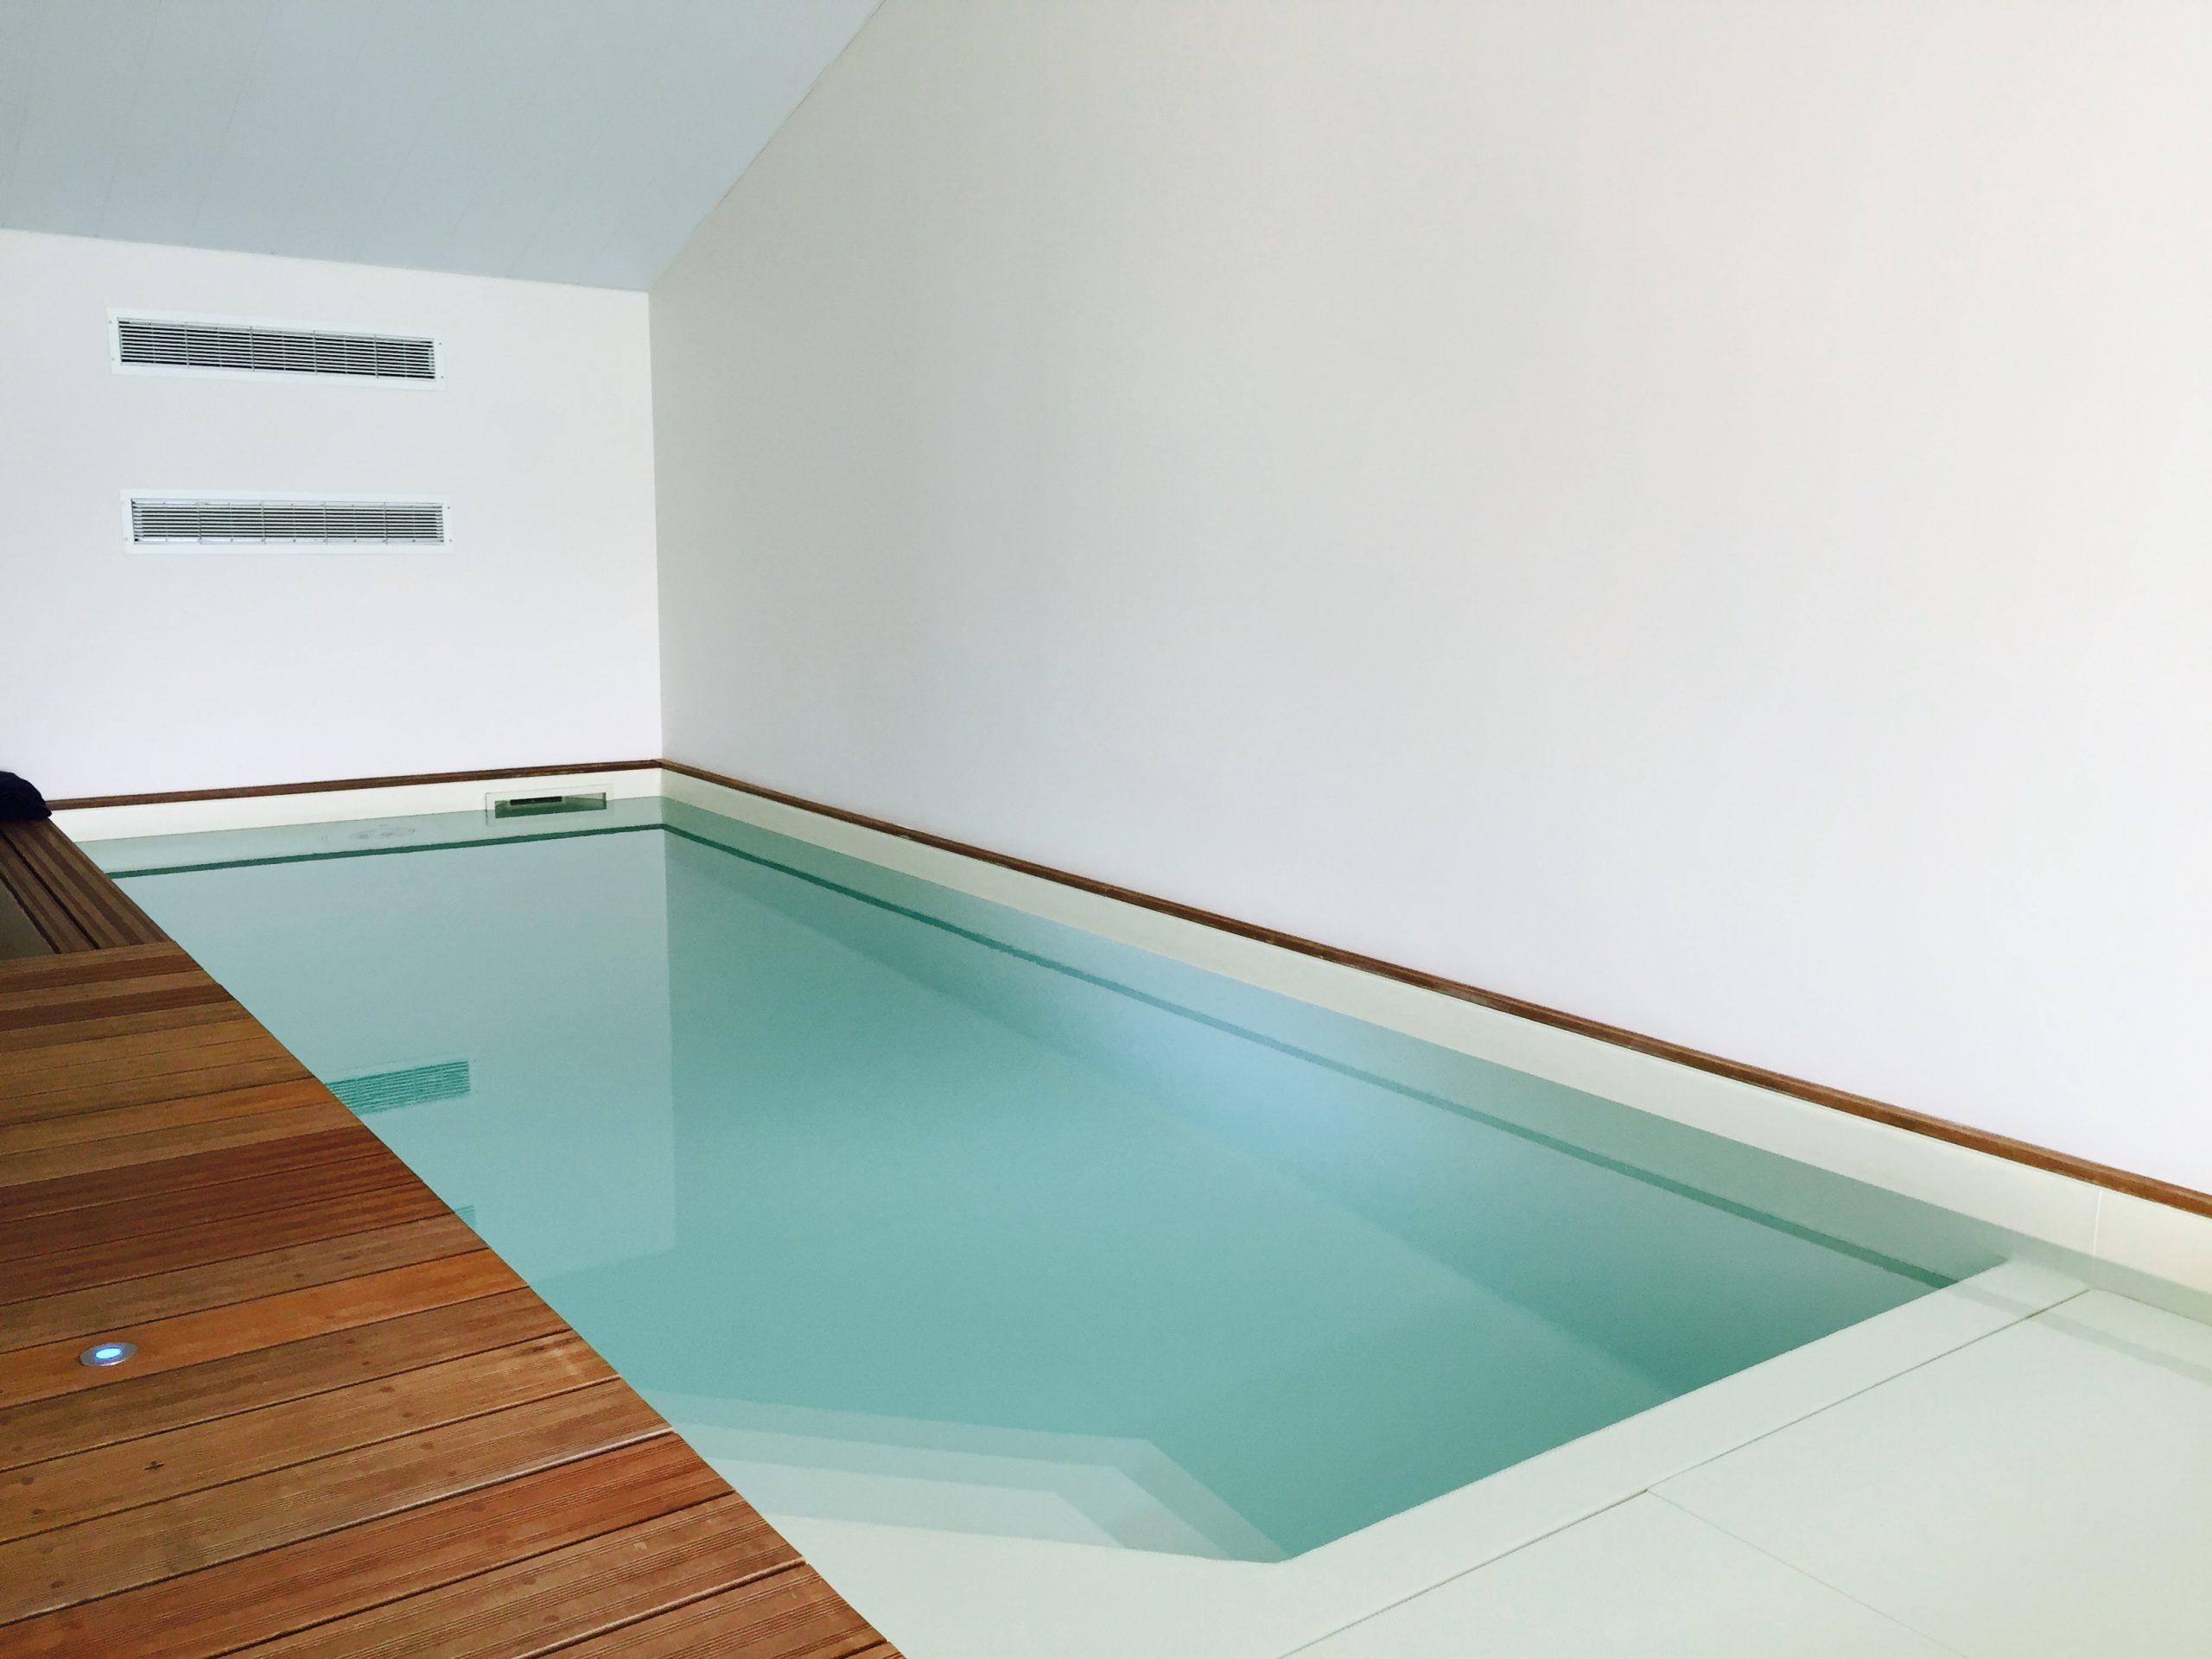 Location Villa De Vacances Avec Piscine Intérieure Et Spa pour Location Avec Piscine Intérieure Chauffée Privée